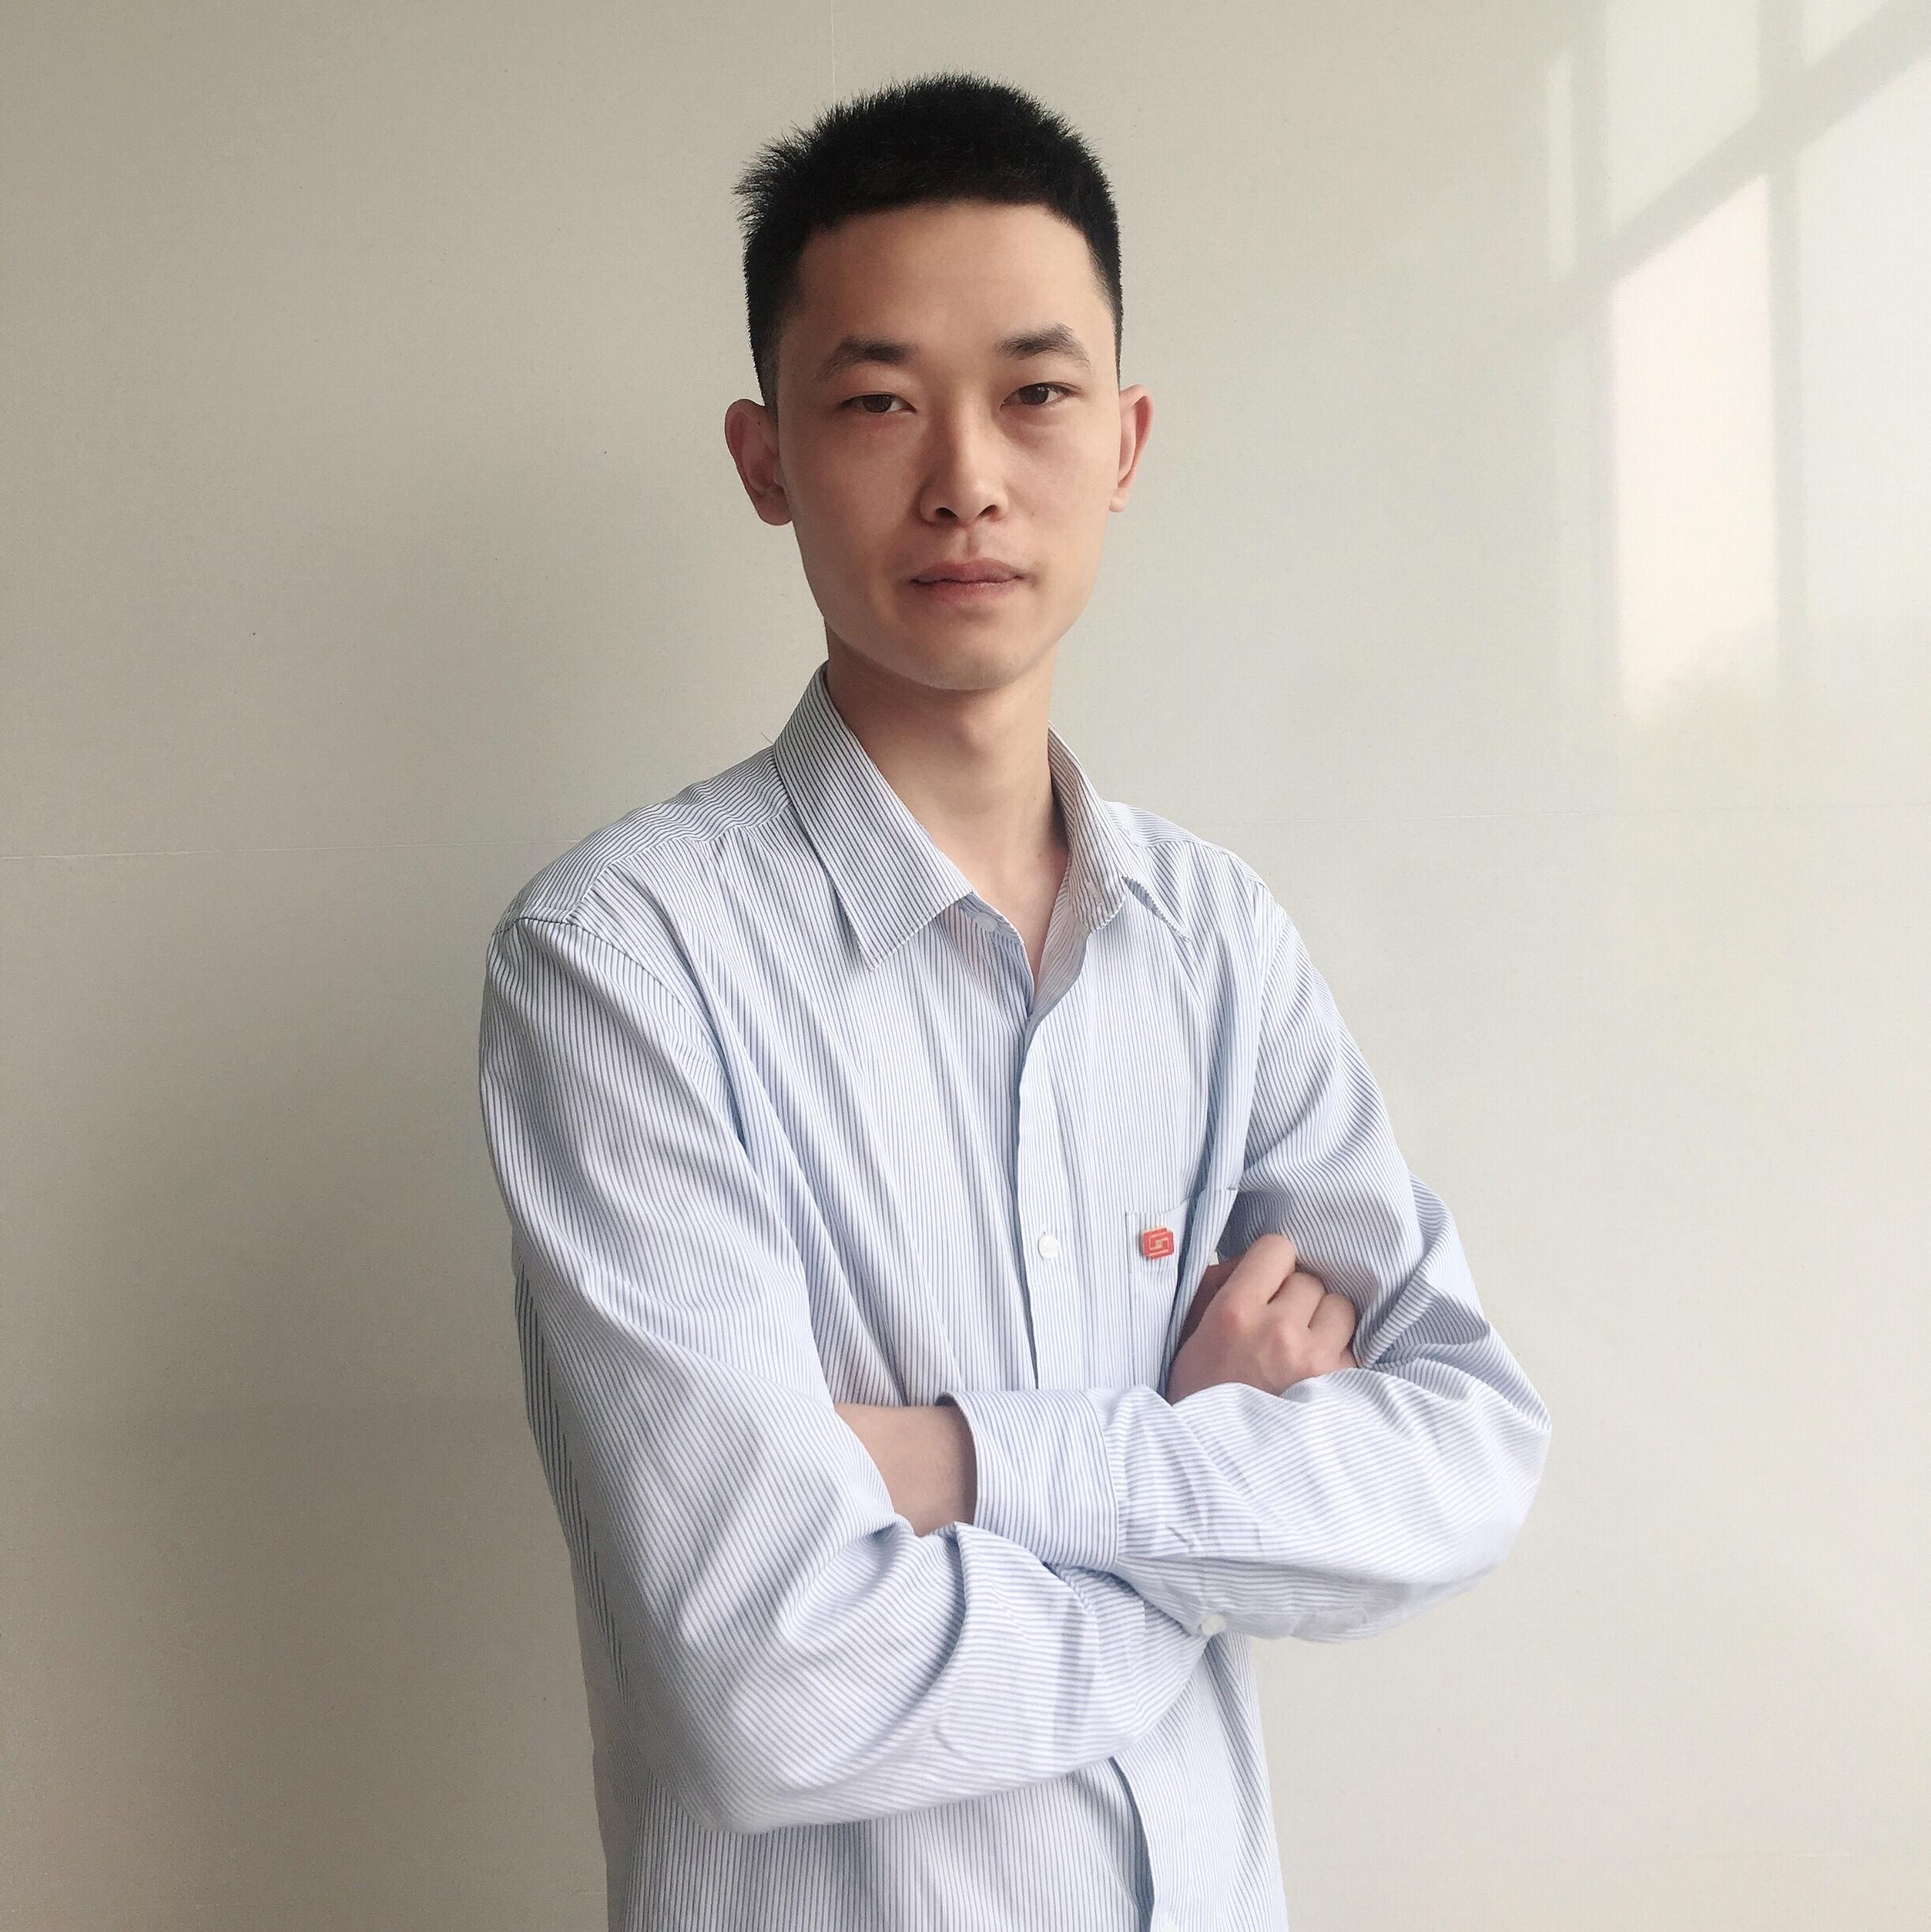 厂房经纪人刘航宇